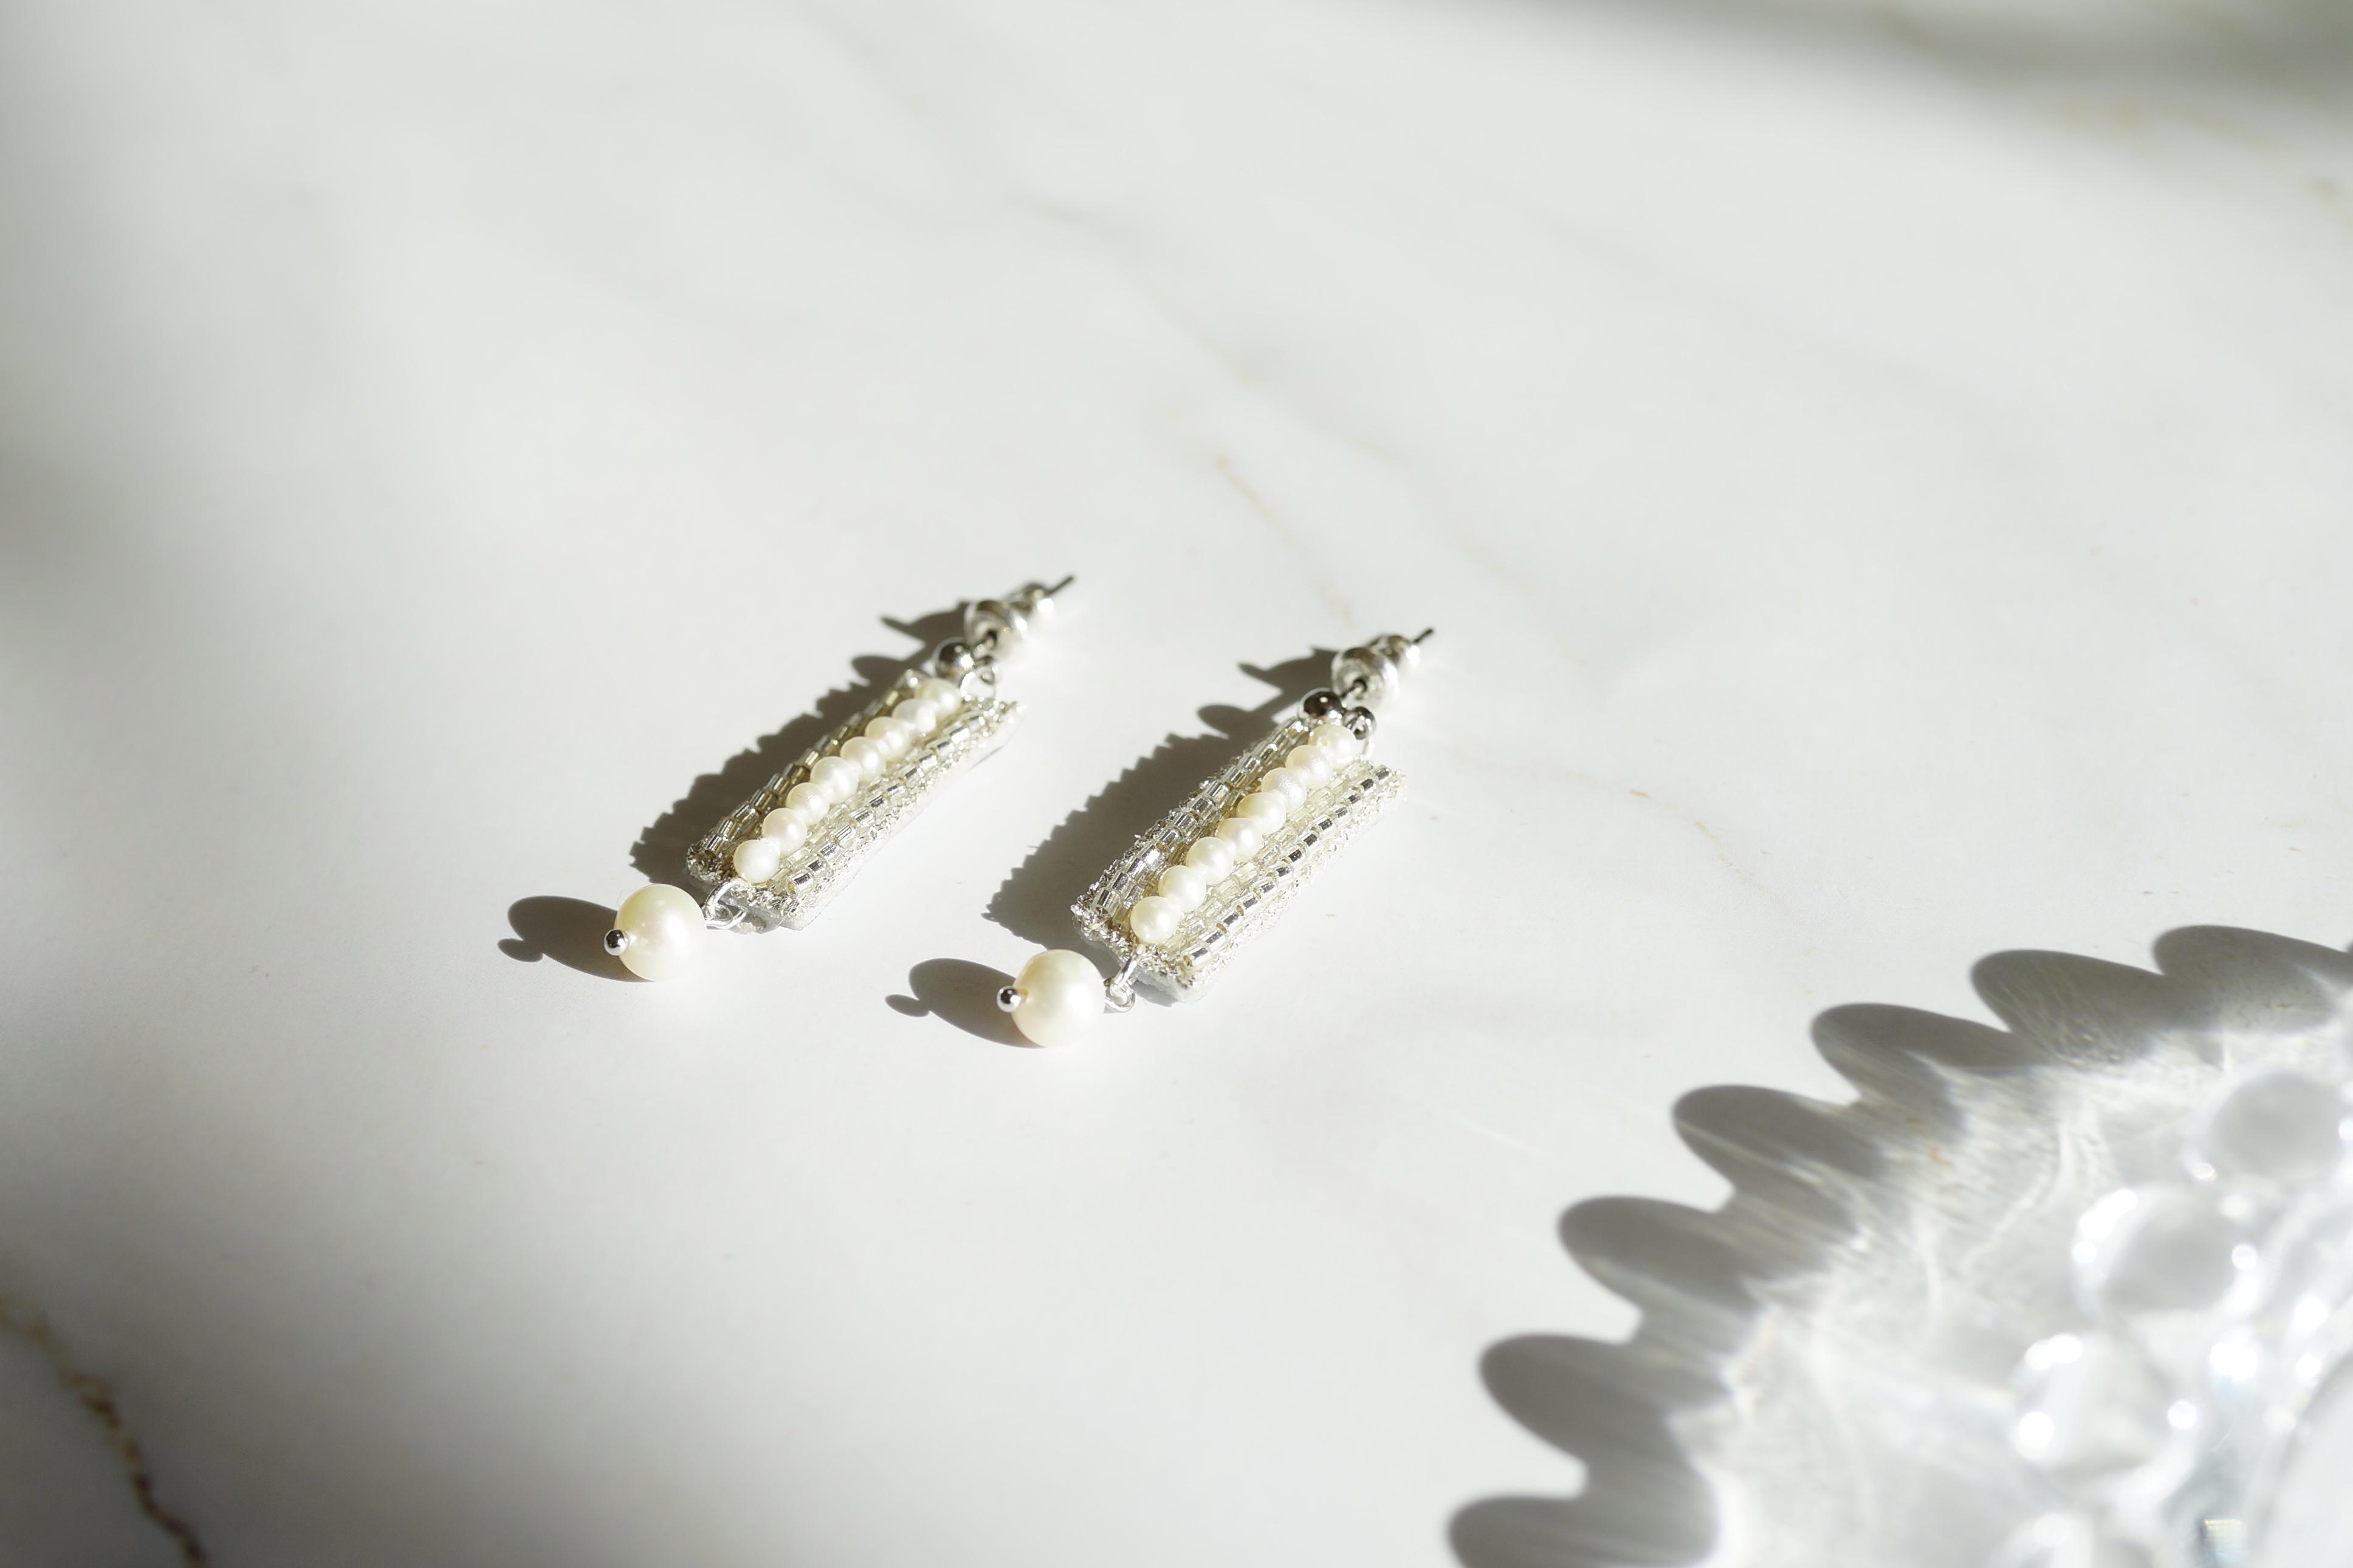 【刺繍ジュエリー】Silver beads✴︎ ▽注文時にピアス/イヤリングお選びいただけます